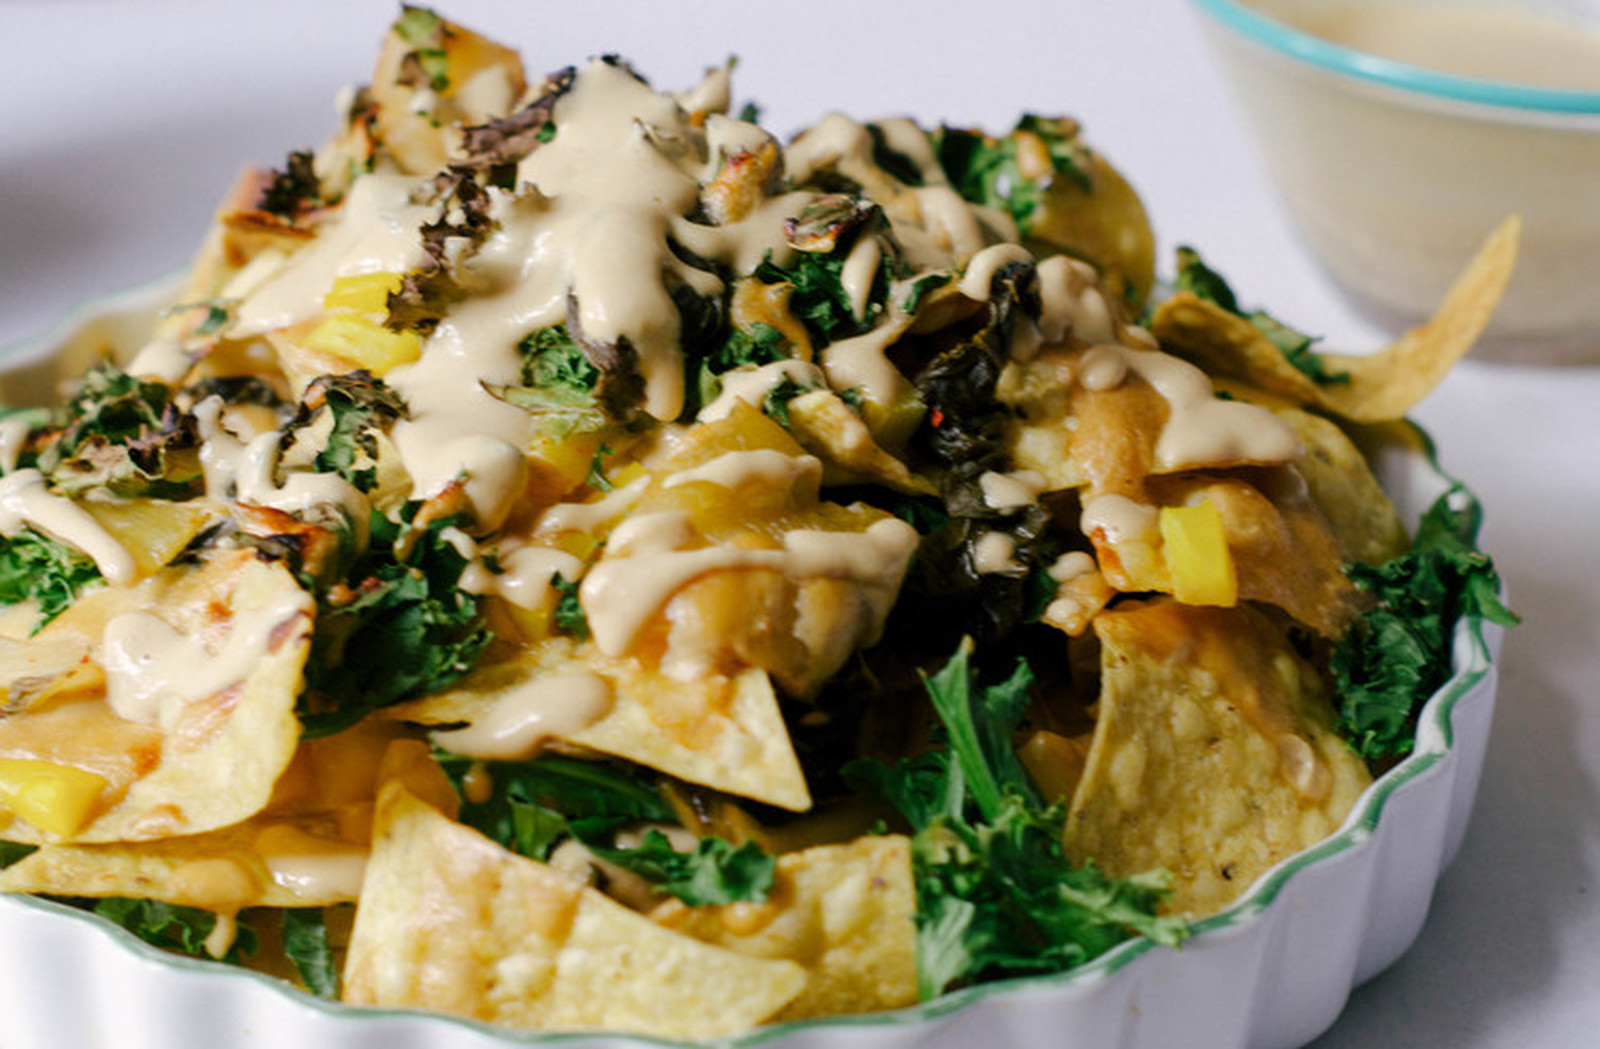 Miso Kimchi Nachos With Cashew Cheese [Vegan, Gluten-Free]